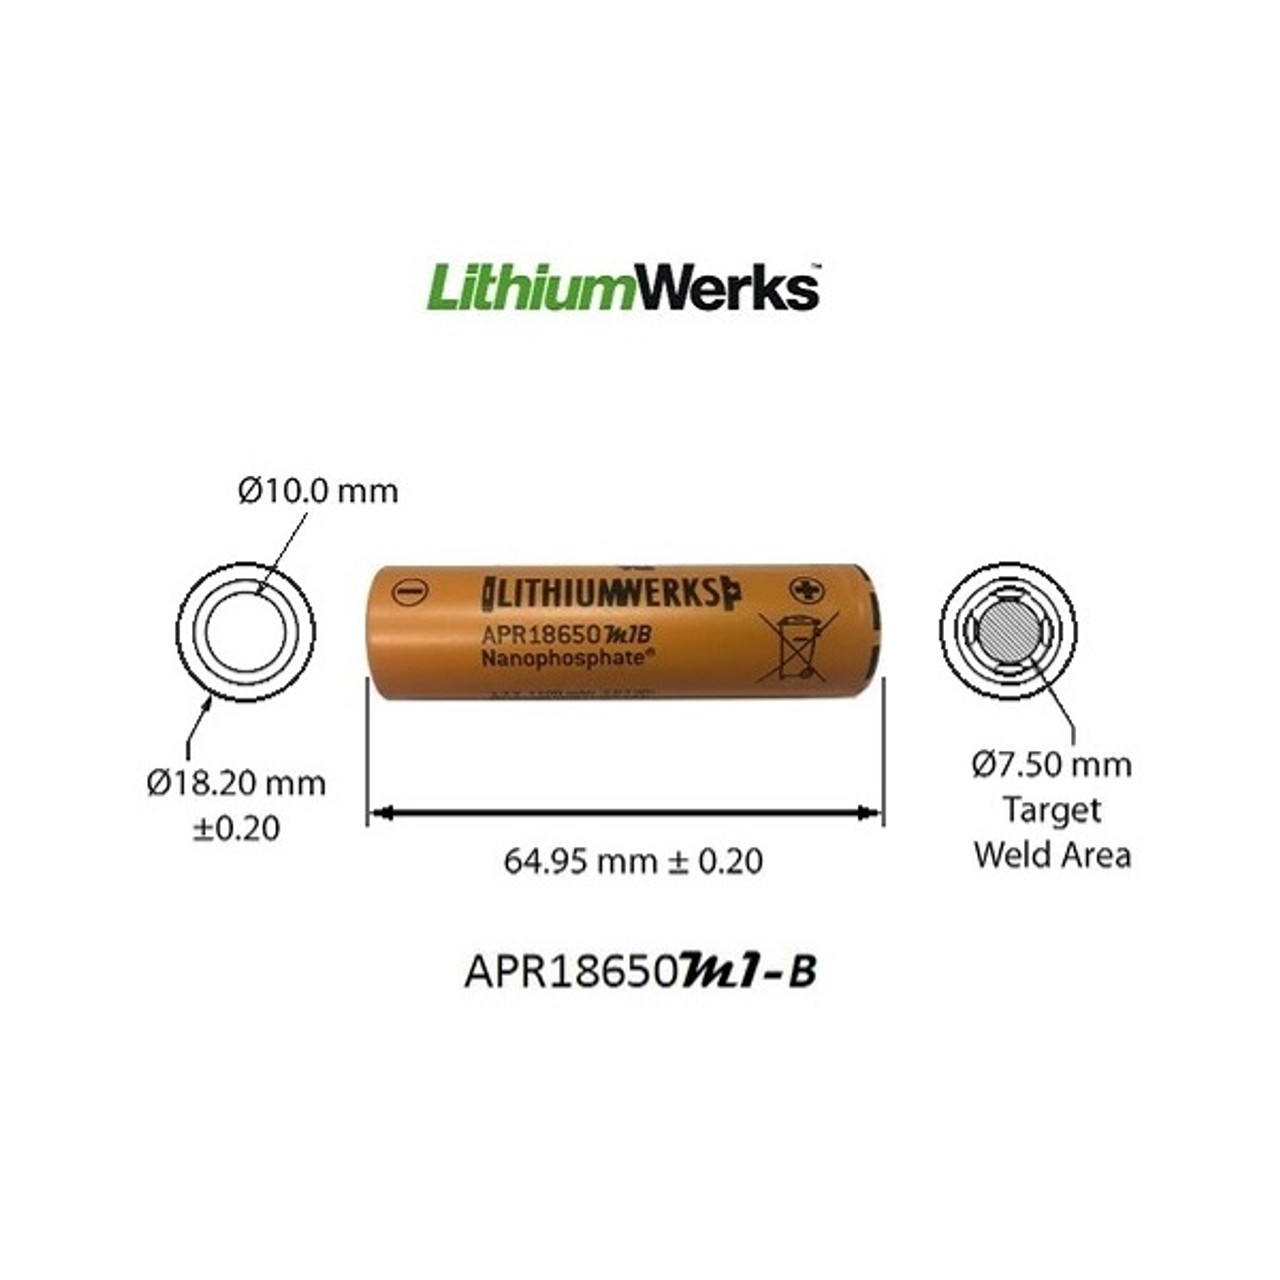 LithiumWerks APR18650M1-B Dimensions